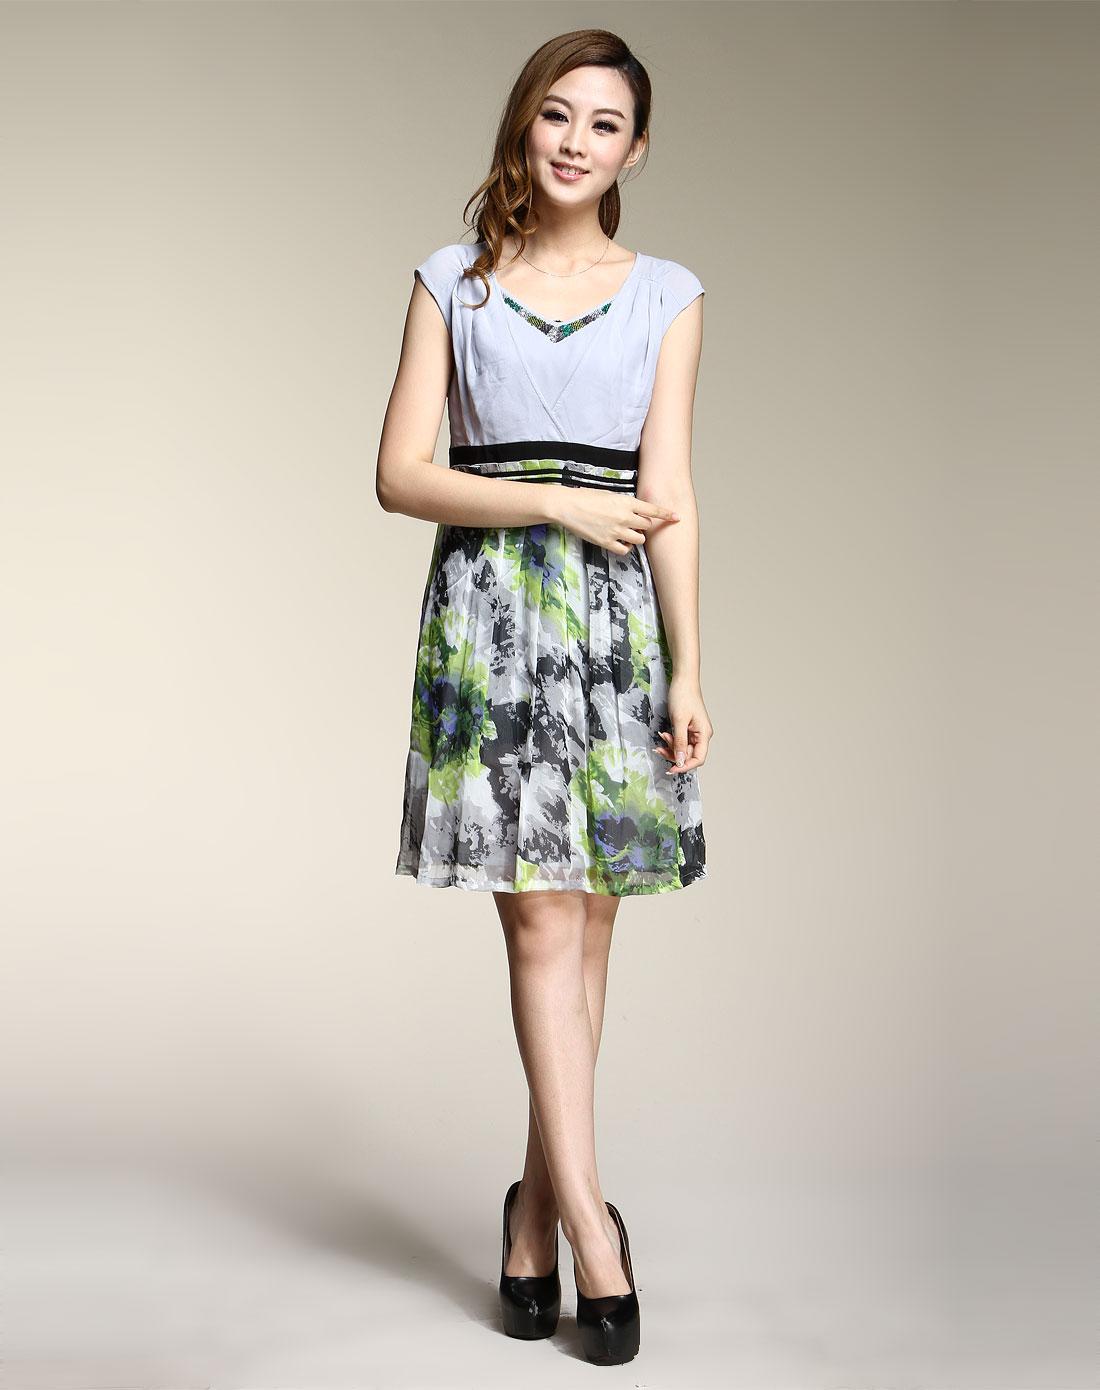 蕾朵liedow绿/灰色花纹优雅无袖连衣裙8560761155